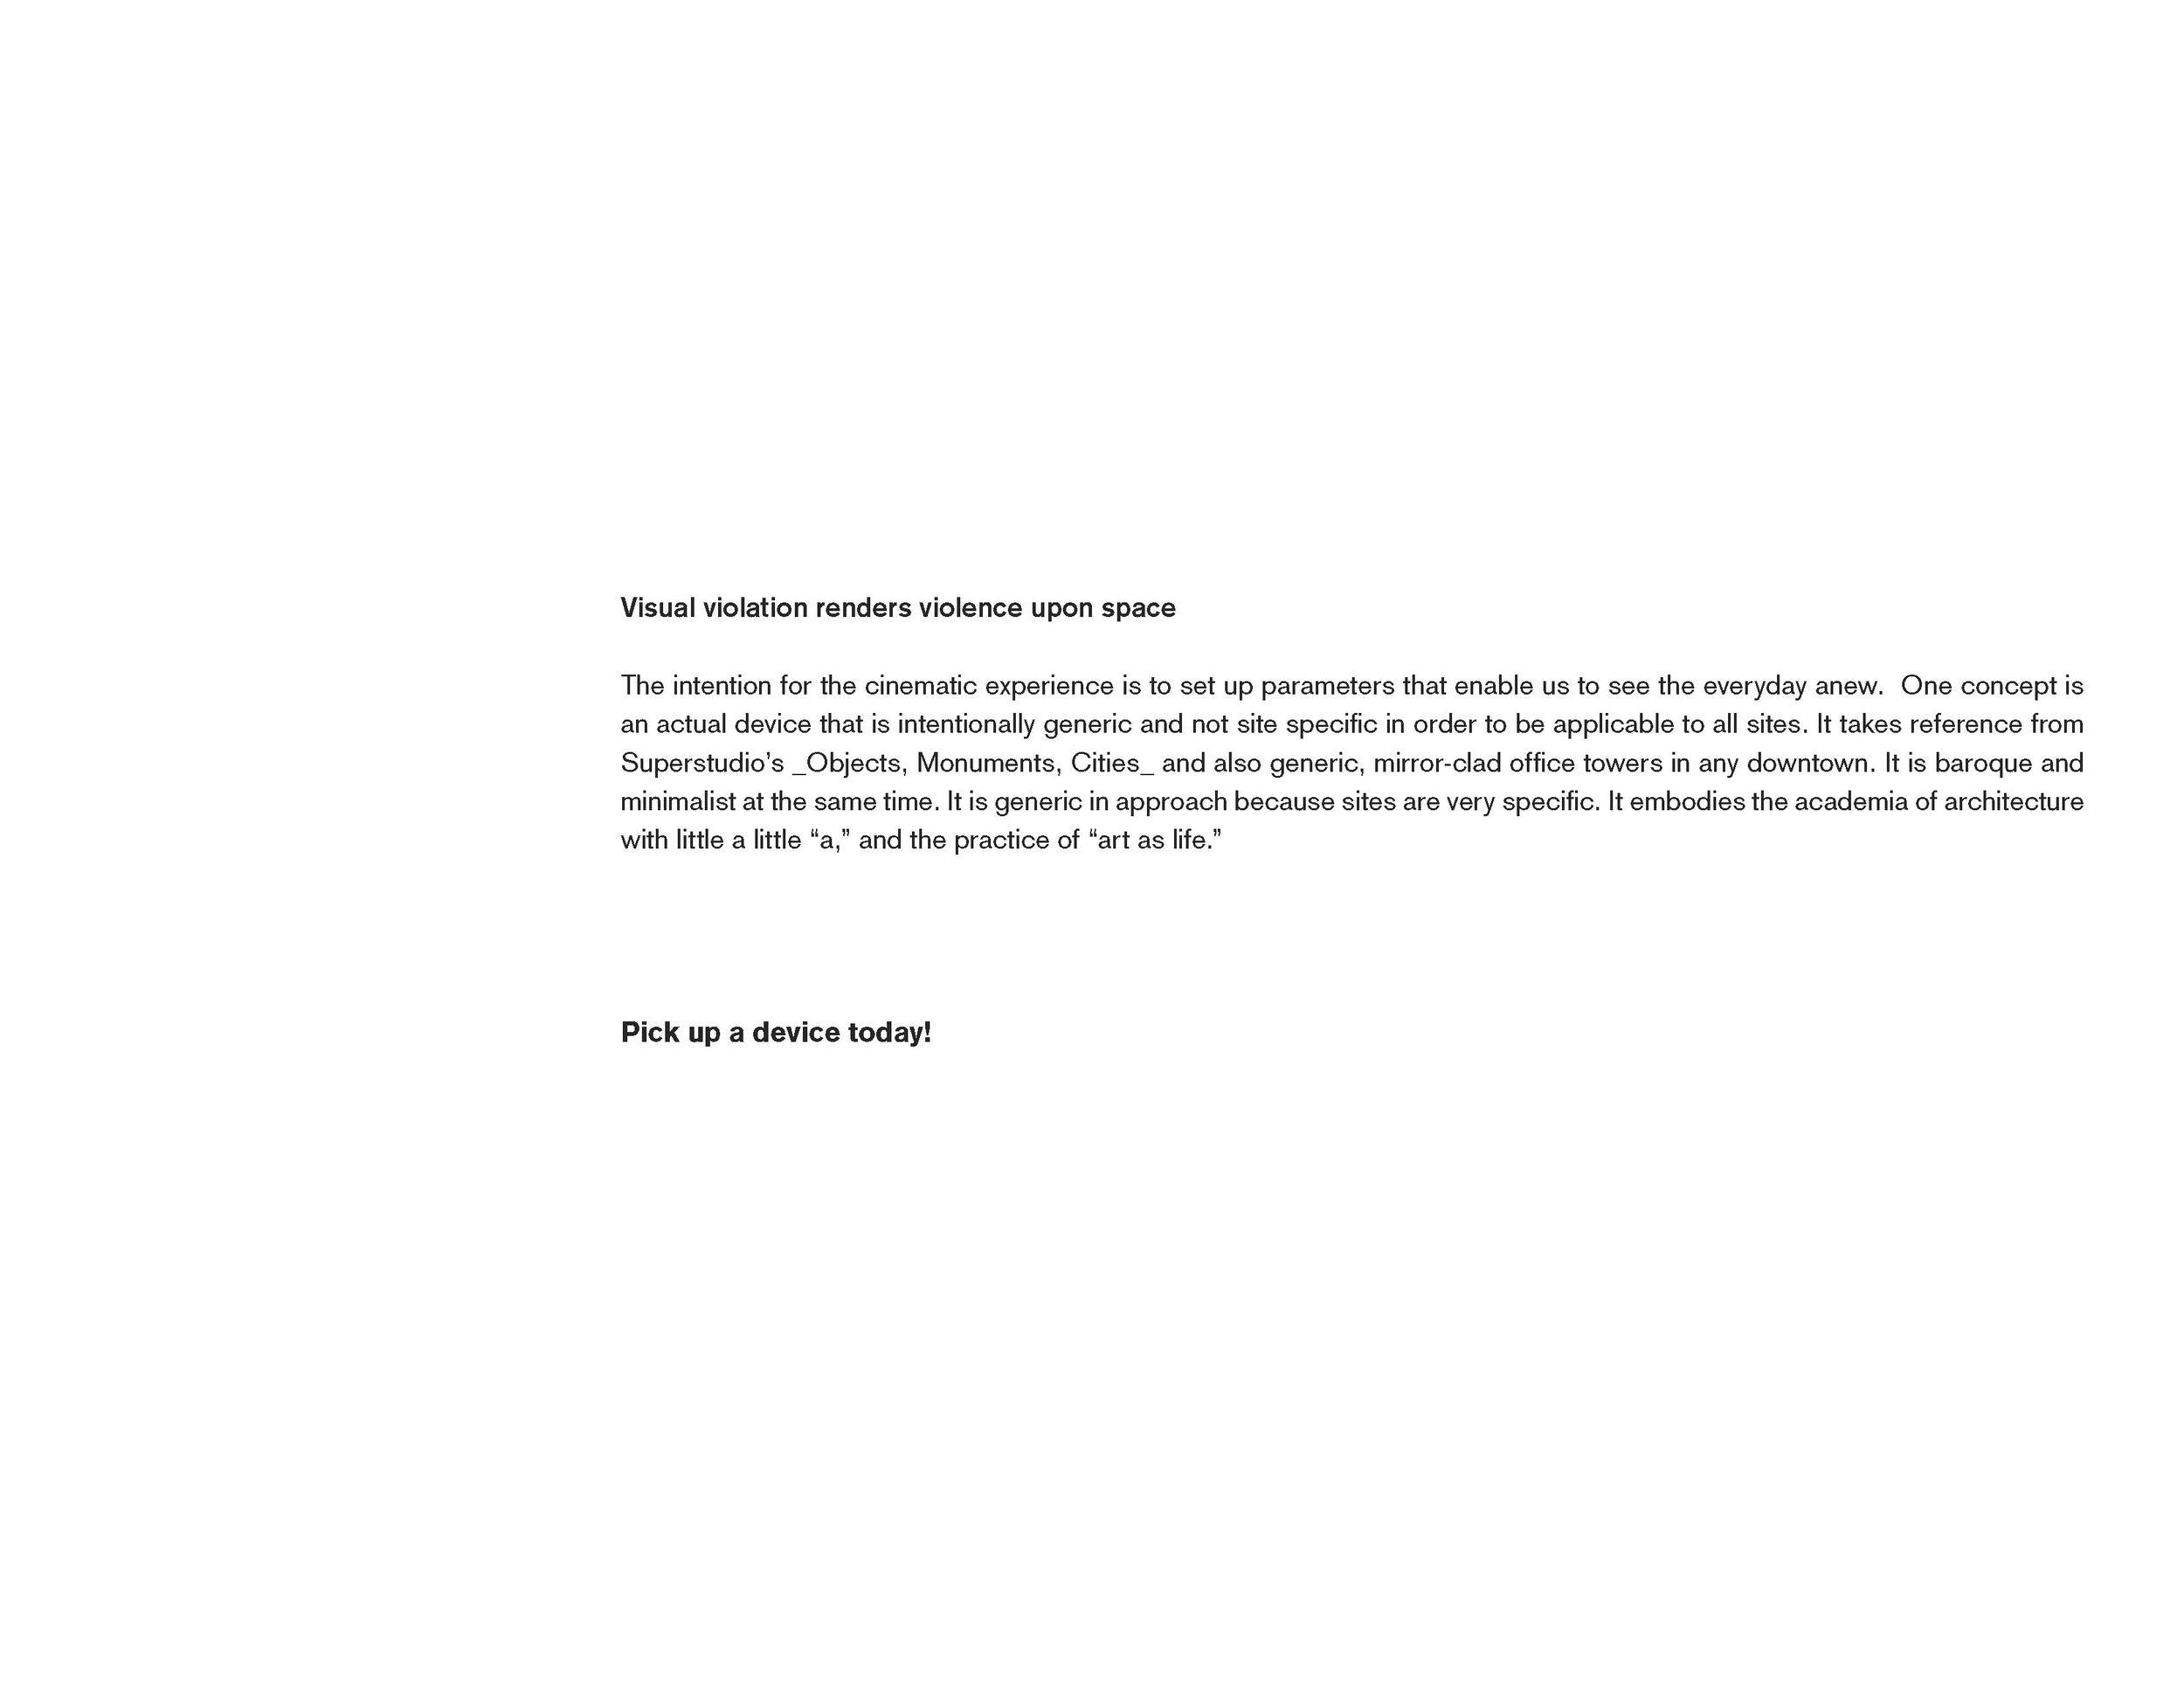 ViolenceUponSpaceMArchBook_Page_29.jpg